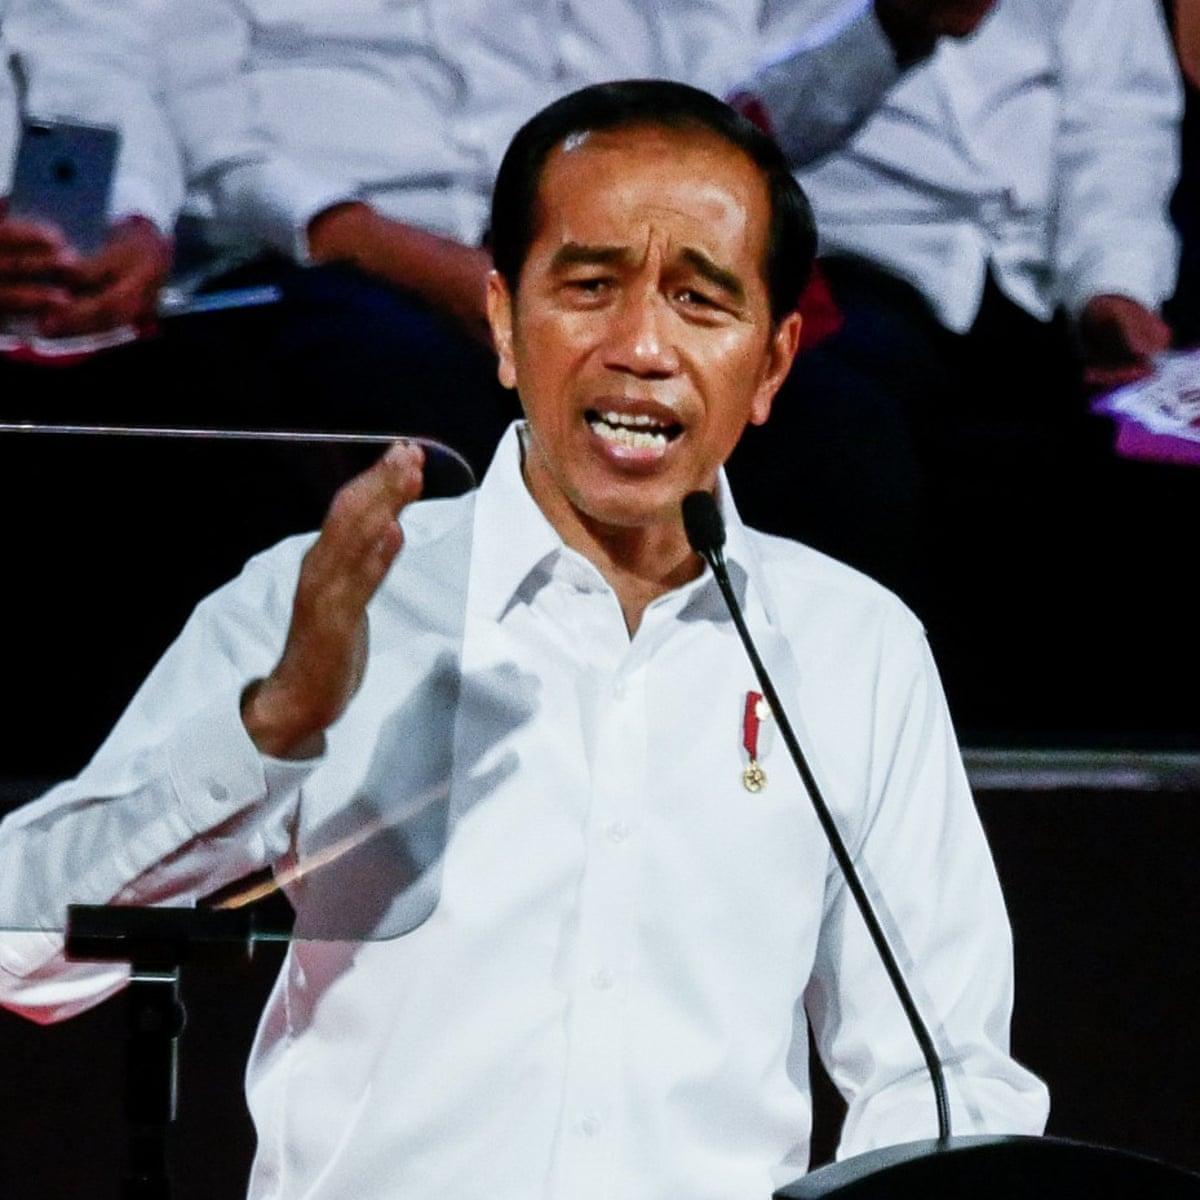 dvejetainis variantas yang legal di indonesia)